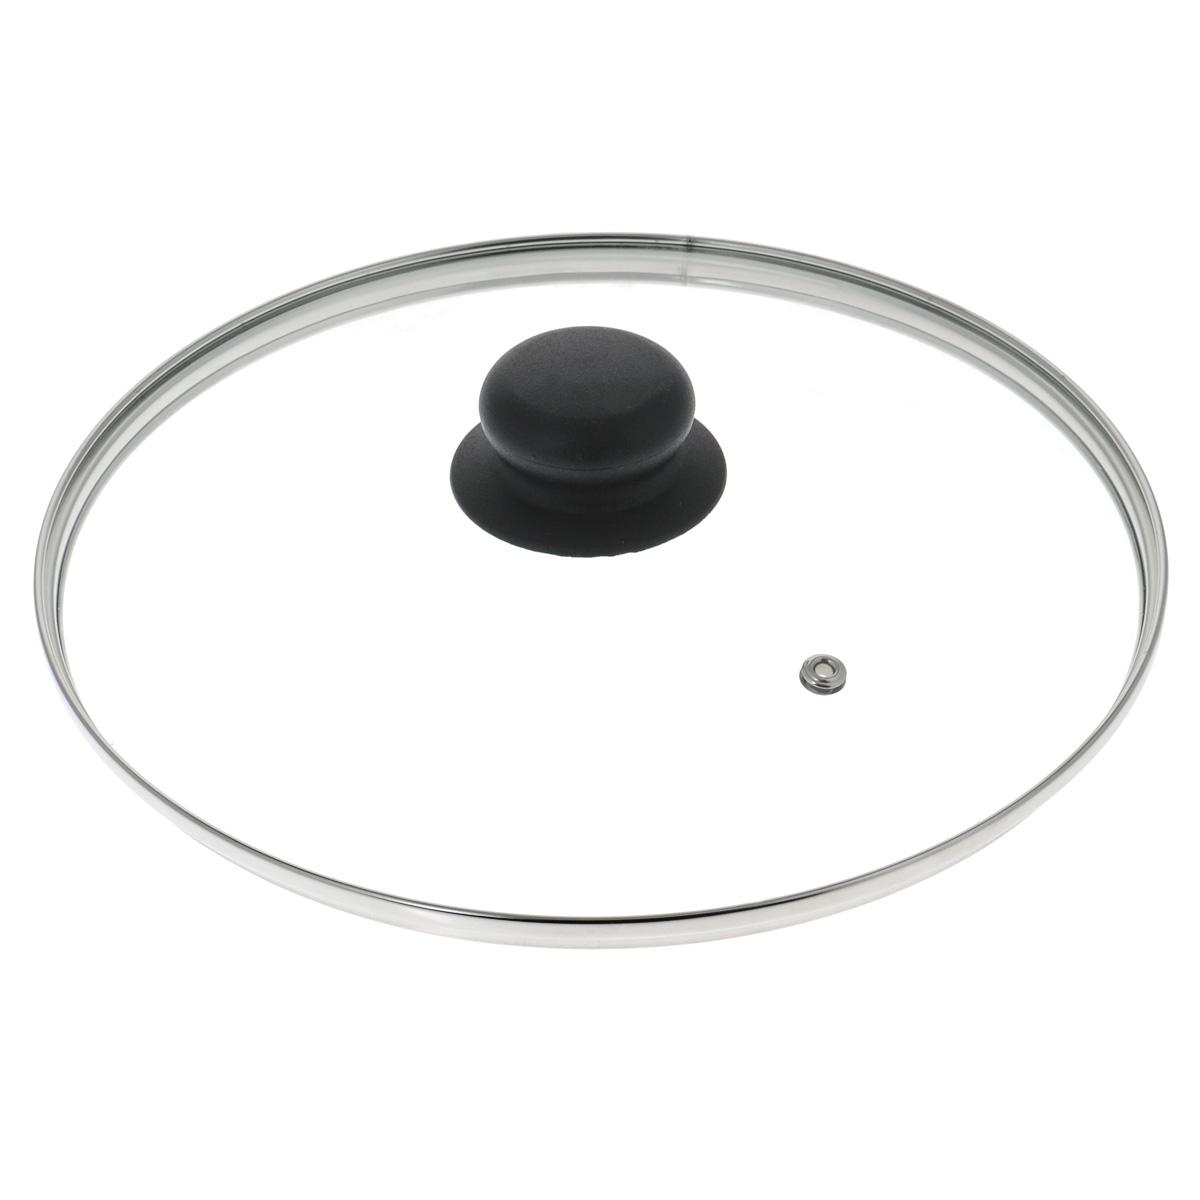 Крышка стеклянная LaraCook. Диаметр 24 смКС*GTL28110 SilkКрышка LaraCook изготовлена из термостойкого стекла. Обод, выполненный из высококачественной нержавеющей стали, защищает крышку от повреждений, а ручка, выполненная из термостойкого пластика, защищает ваши руки от высоких температур. Крышка удобна в использовании, позволяет контролировать процесс приготовления пищи. Имеется отверстие для выпуска пара.